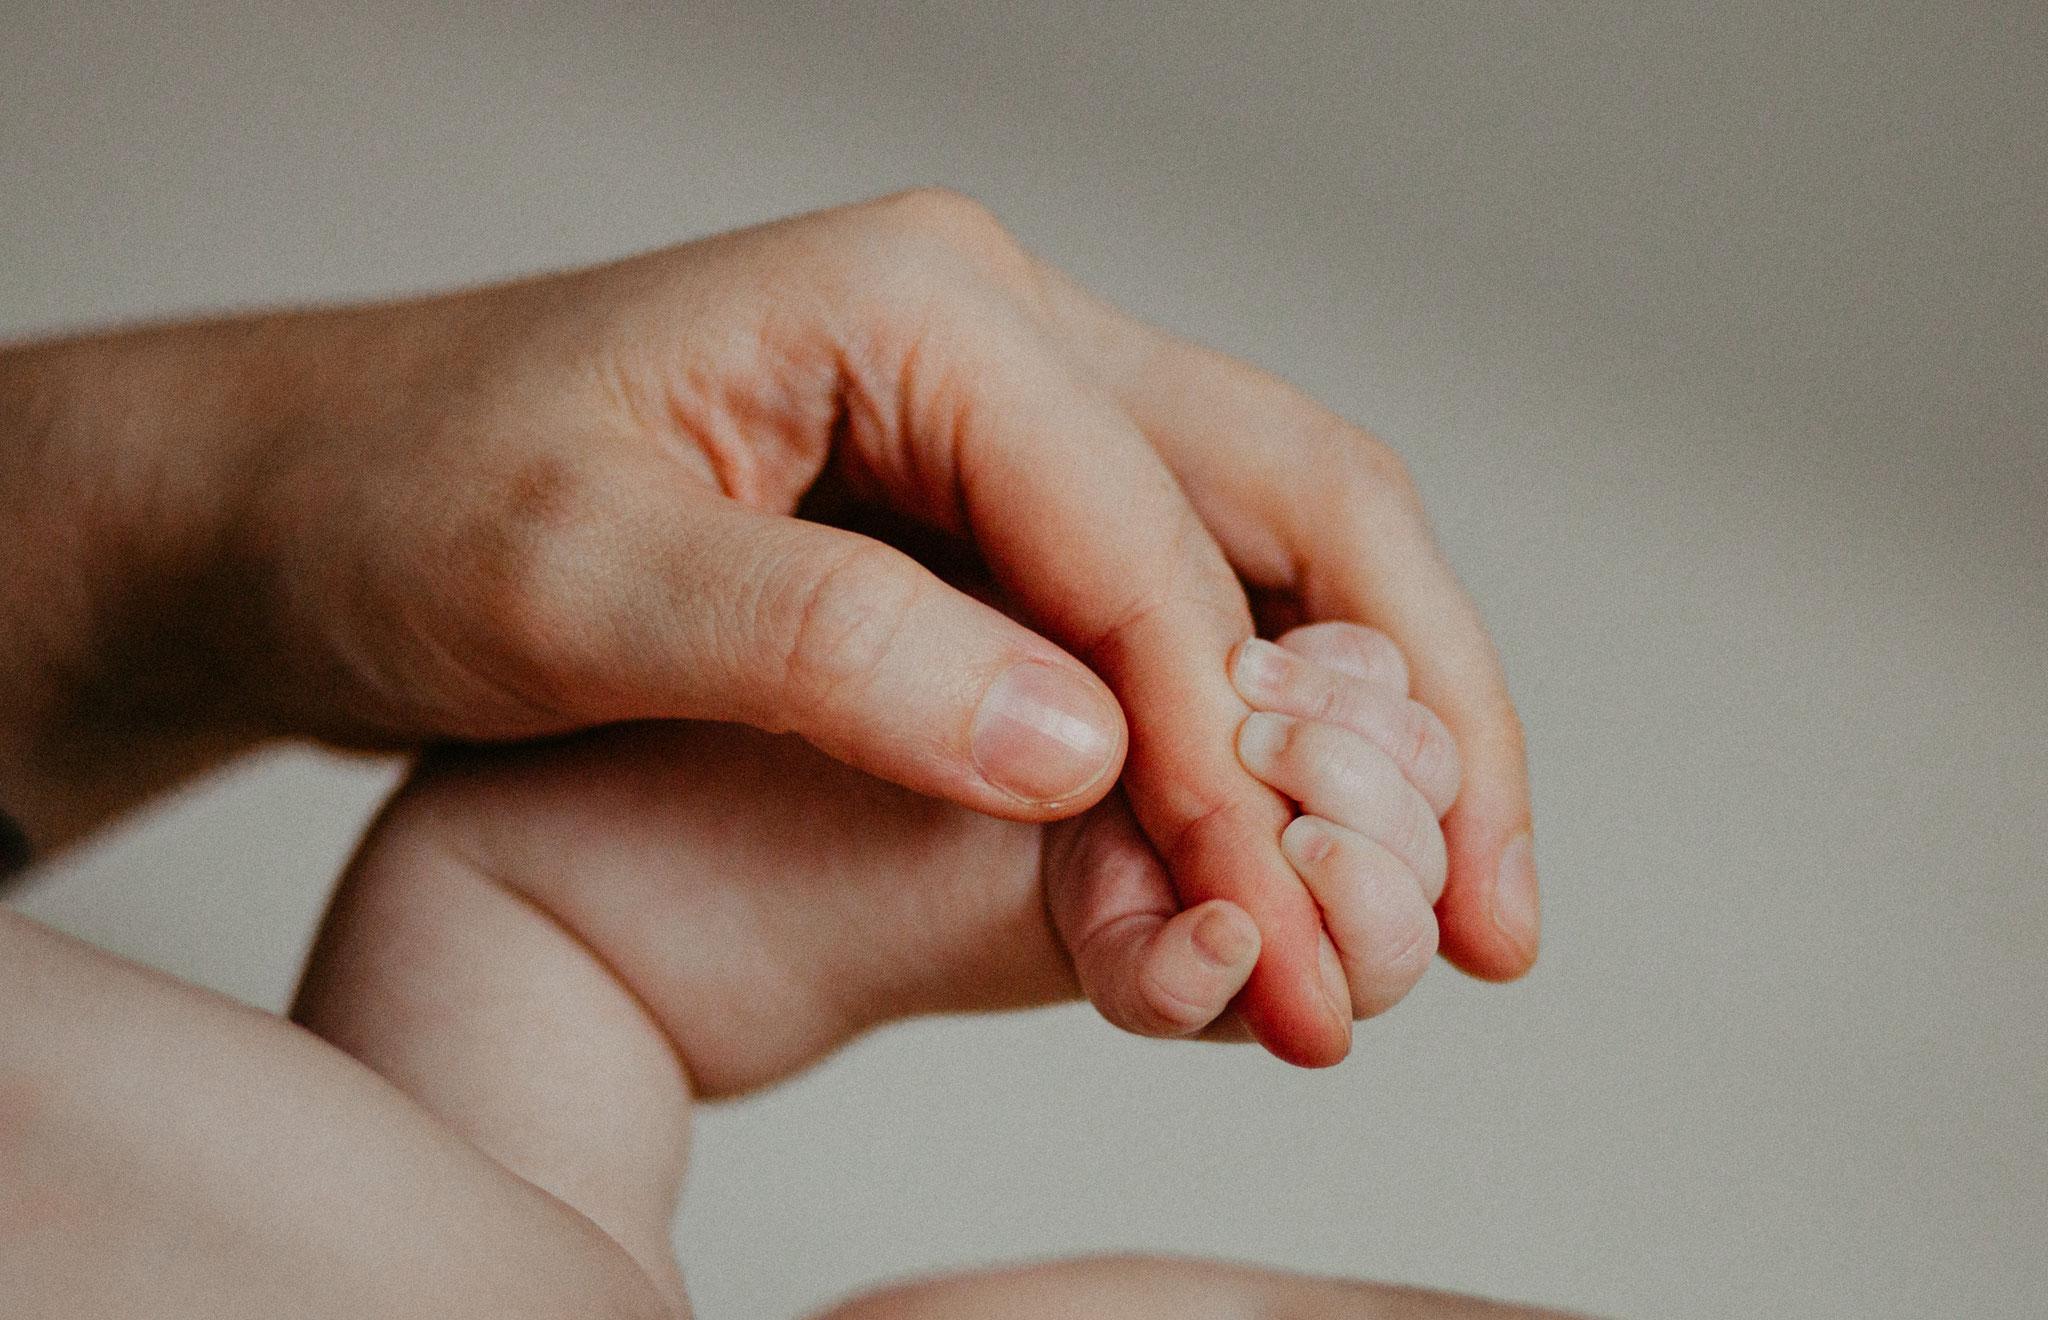 Zwillinge Babyshooting Babyfotos NRW Essen, Düsseldorf, Hamminkeln, Wesel, Portraitfotos, Newborn, Rebecca Adloff Fotografie